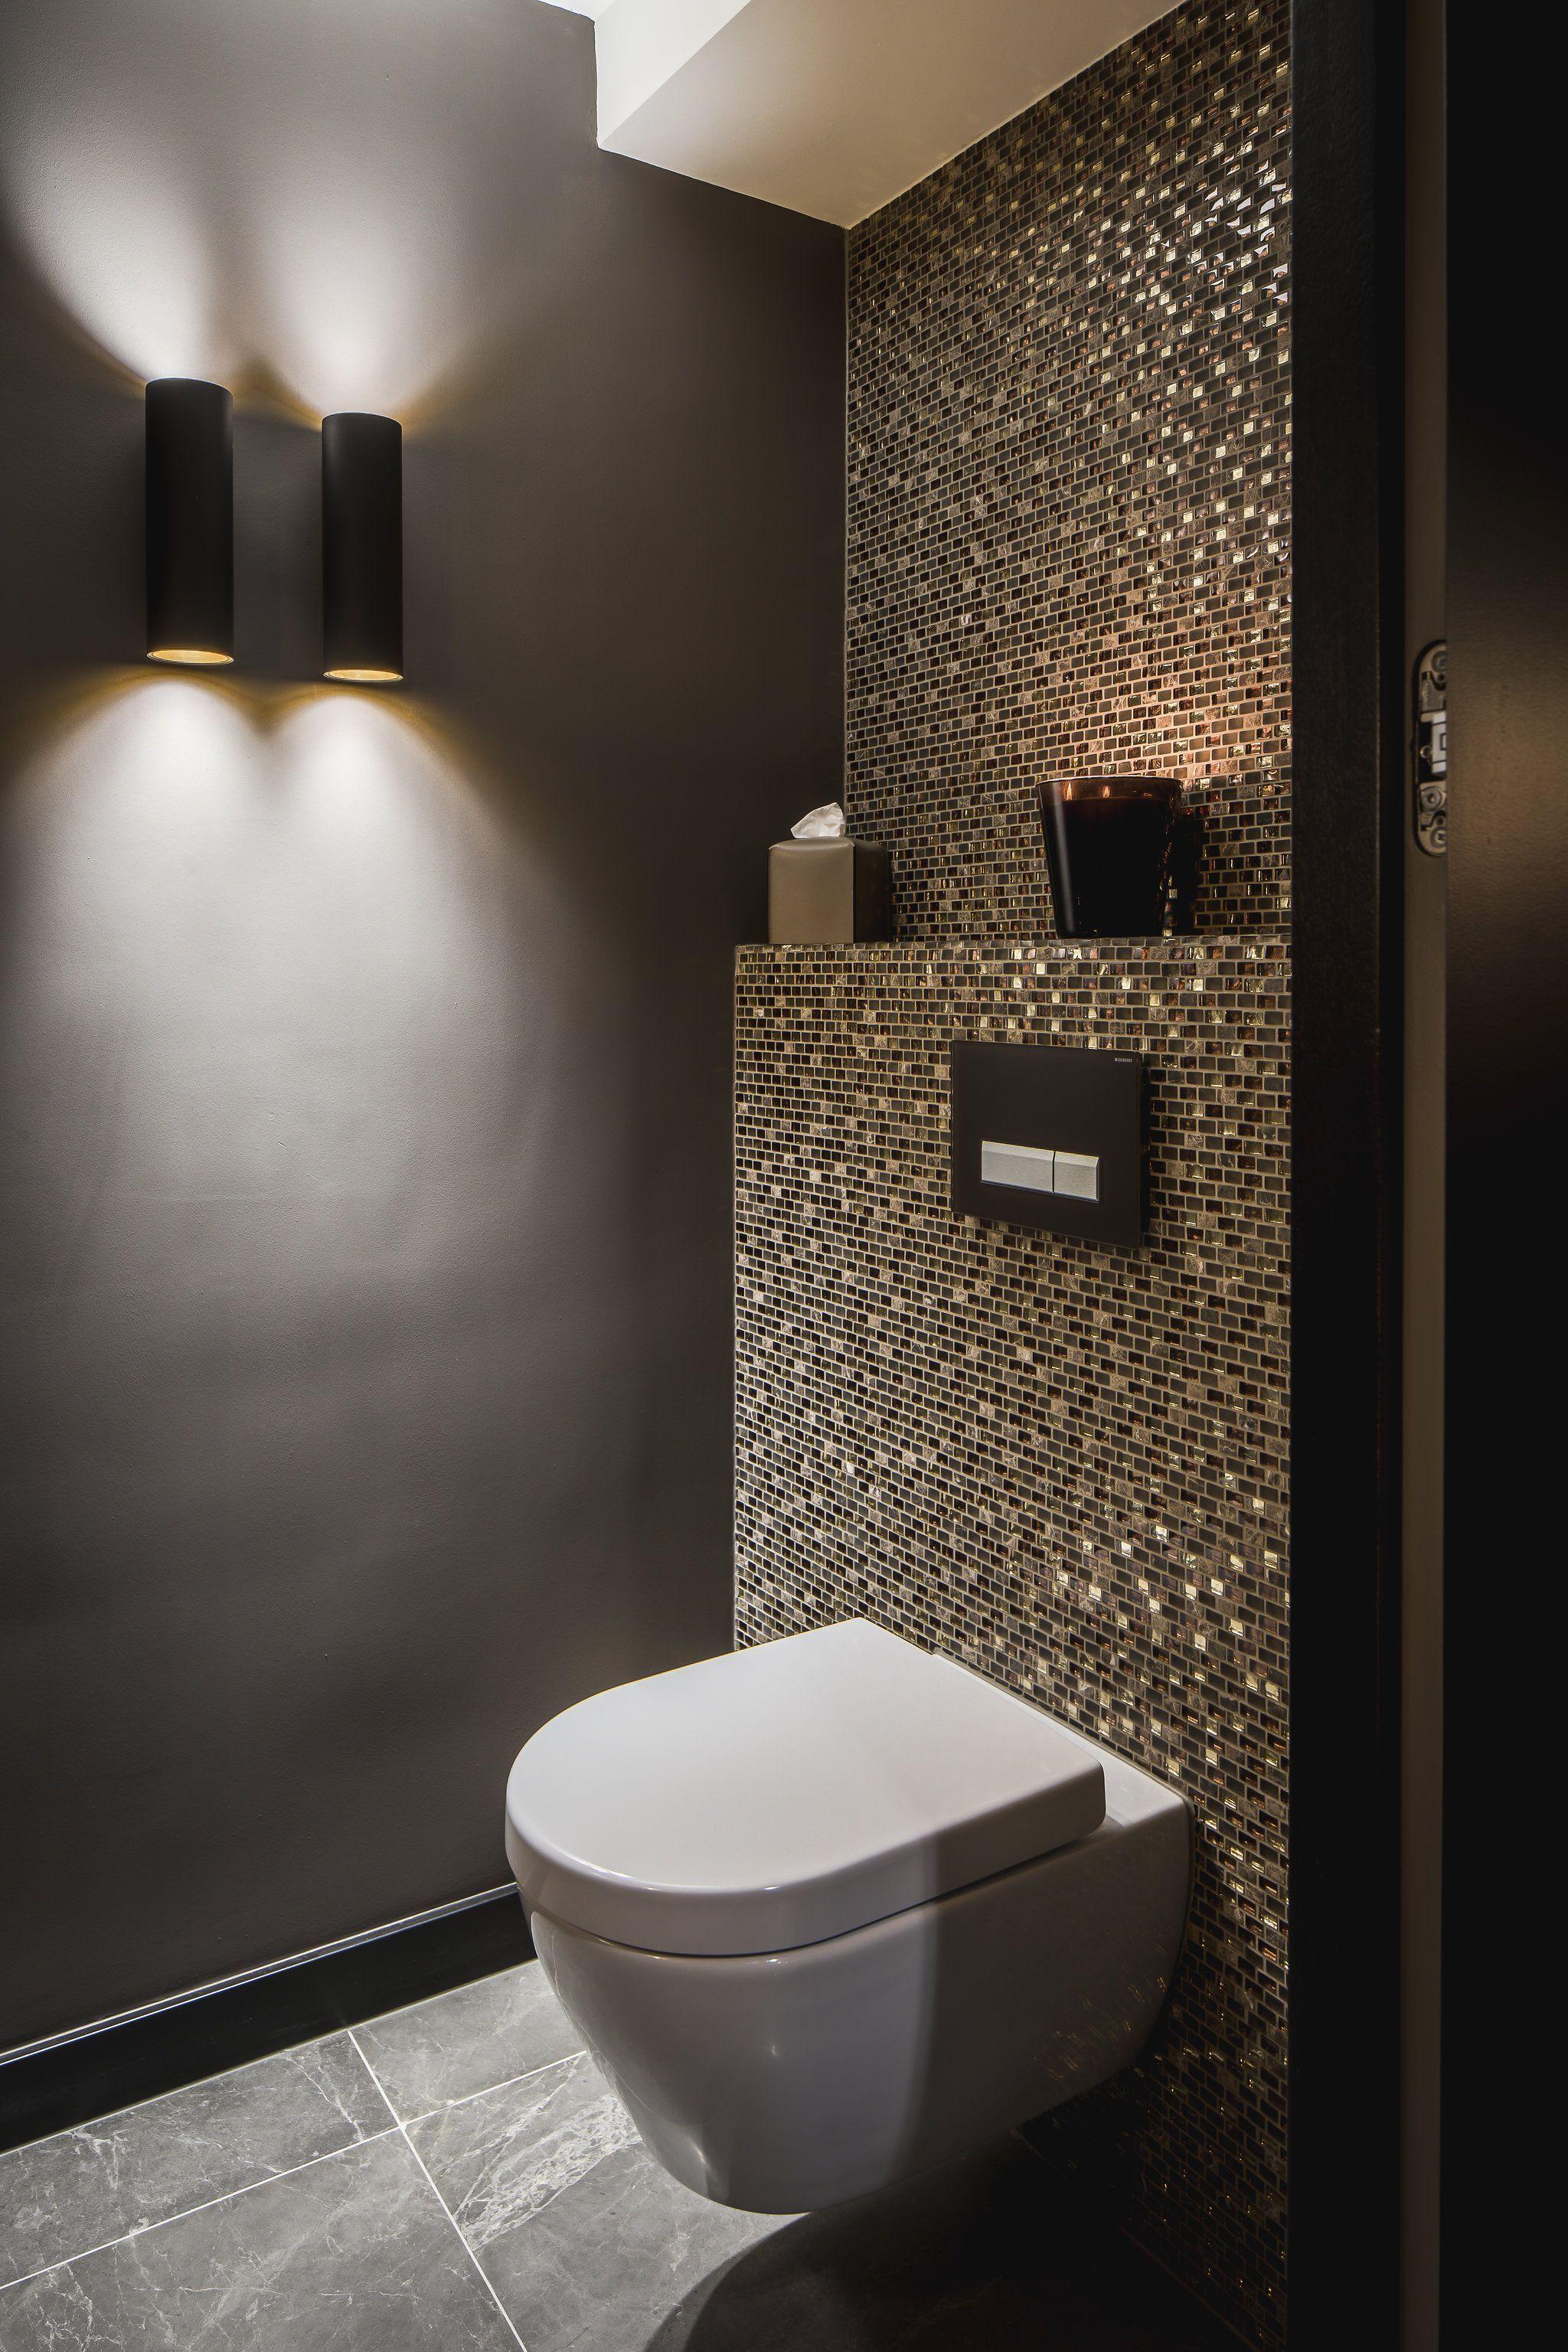 Idee Gaste Wc Mosaik Glimmer Dunkle Wande Schimmer Glas Gold Zusammen Mit Aufregend Haus Dekoration Badewanne Fliesen Badezimmer Und Bad Styling